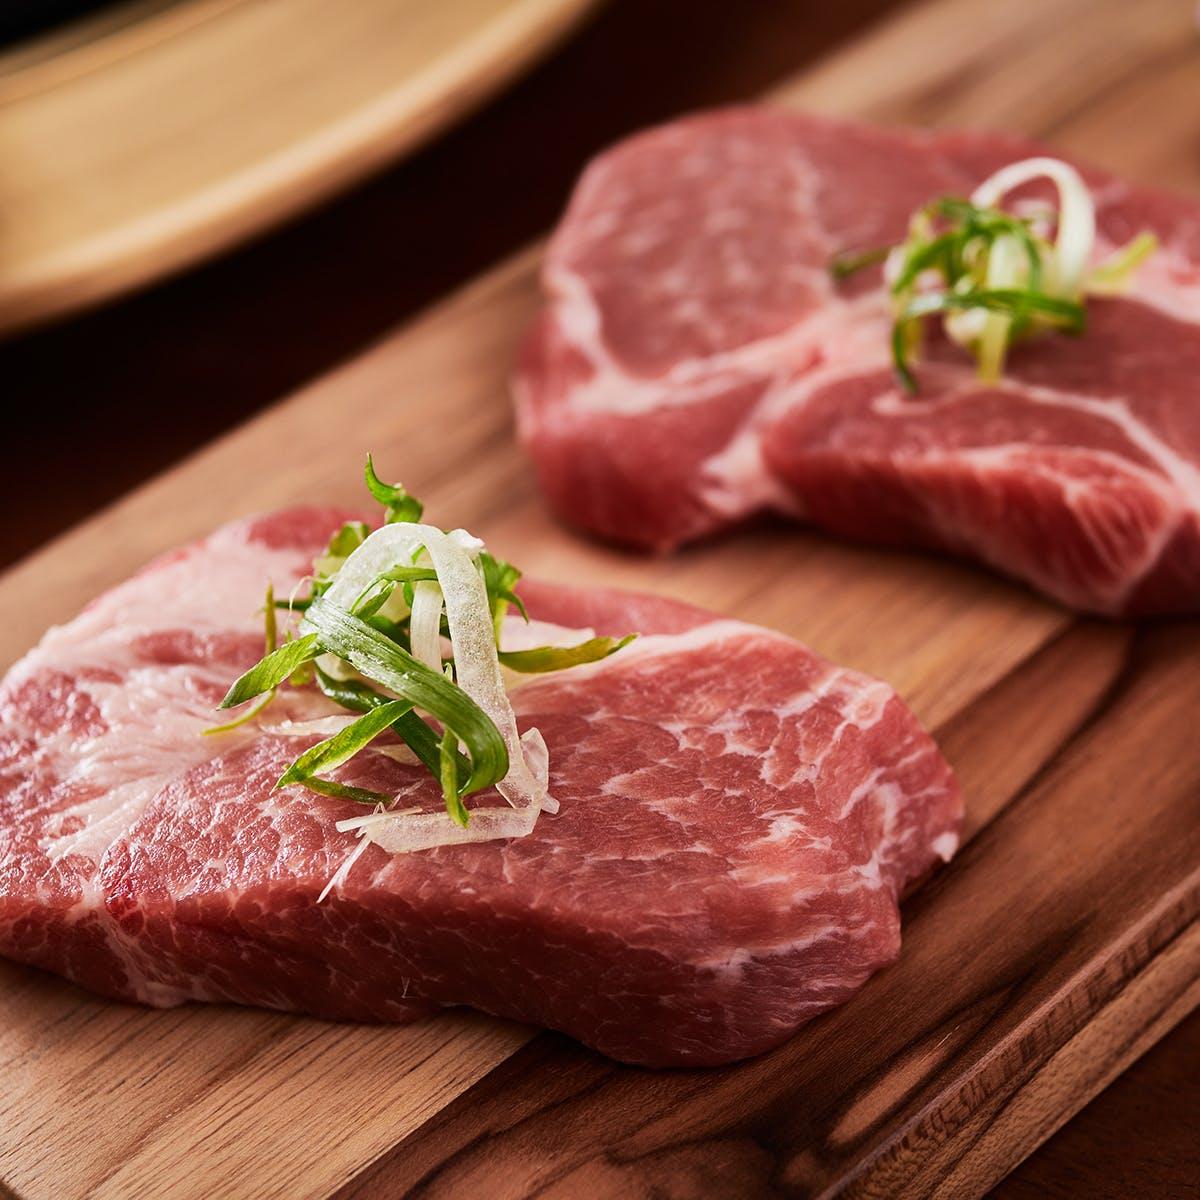 Samwon Garden Korean BBQ - Korean BBQ Galbi Pork Kit for 6-8